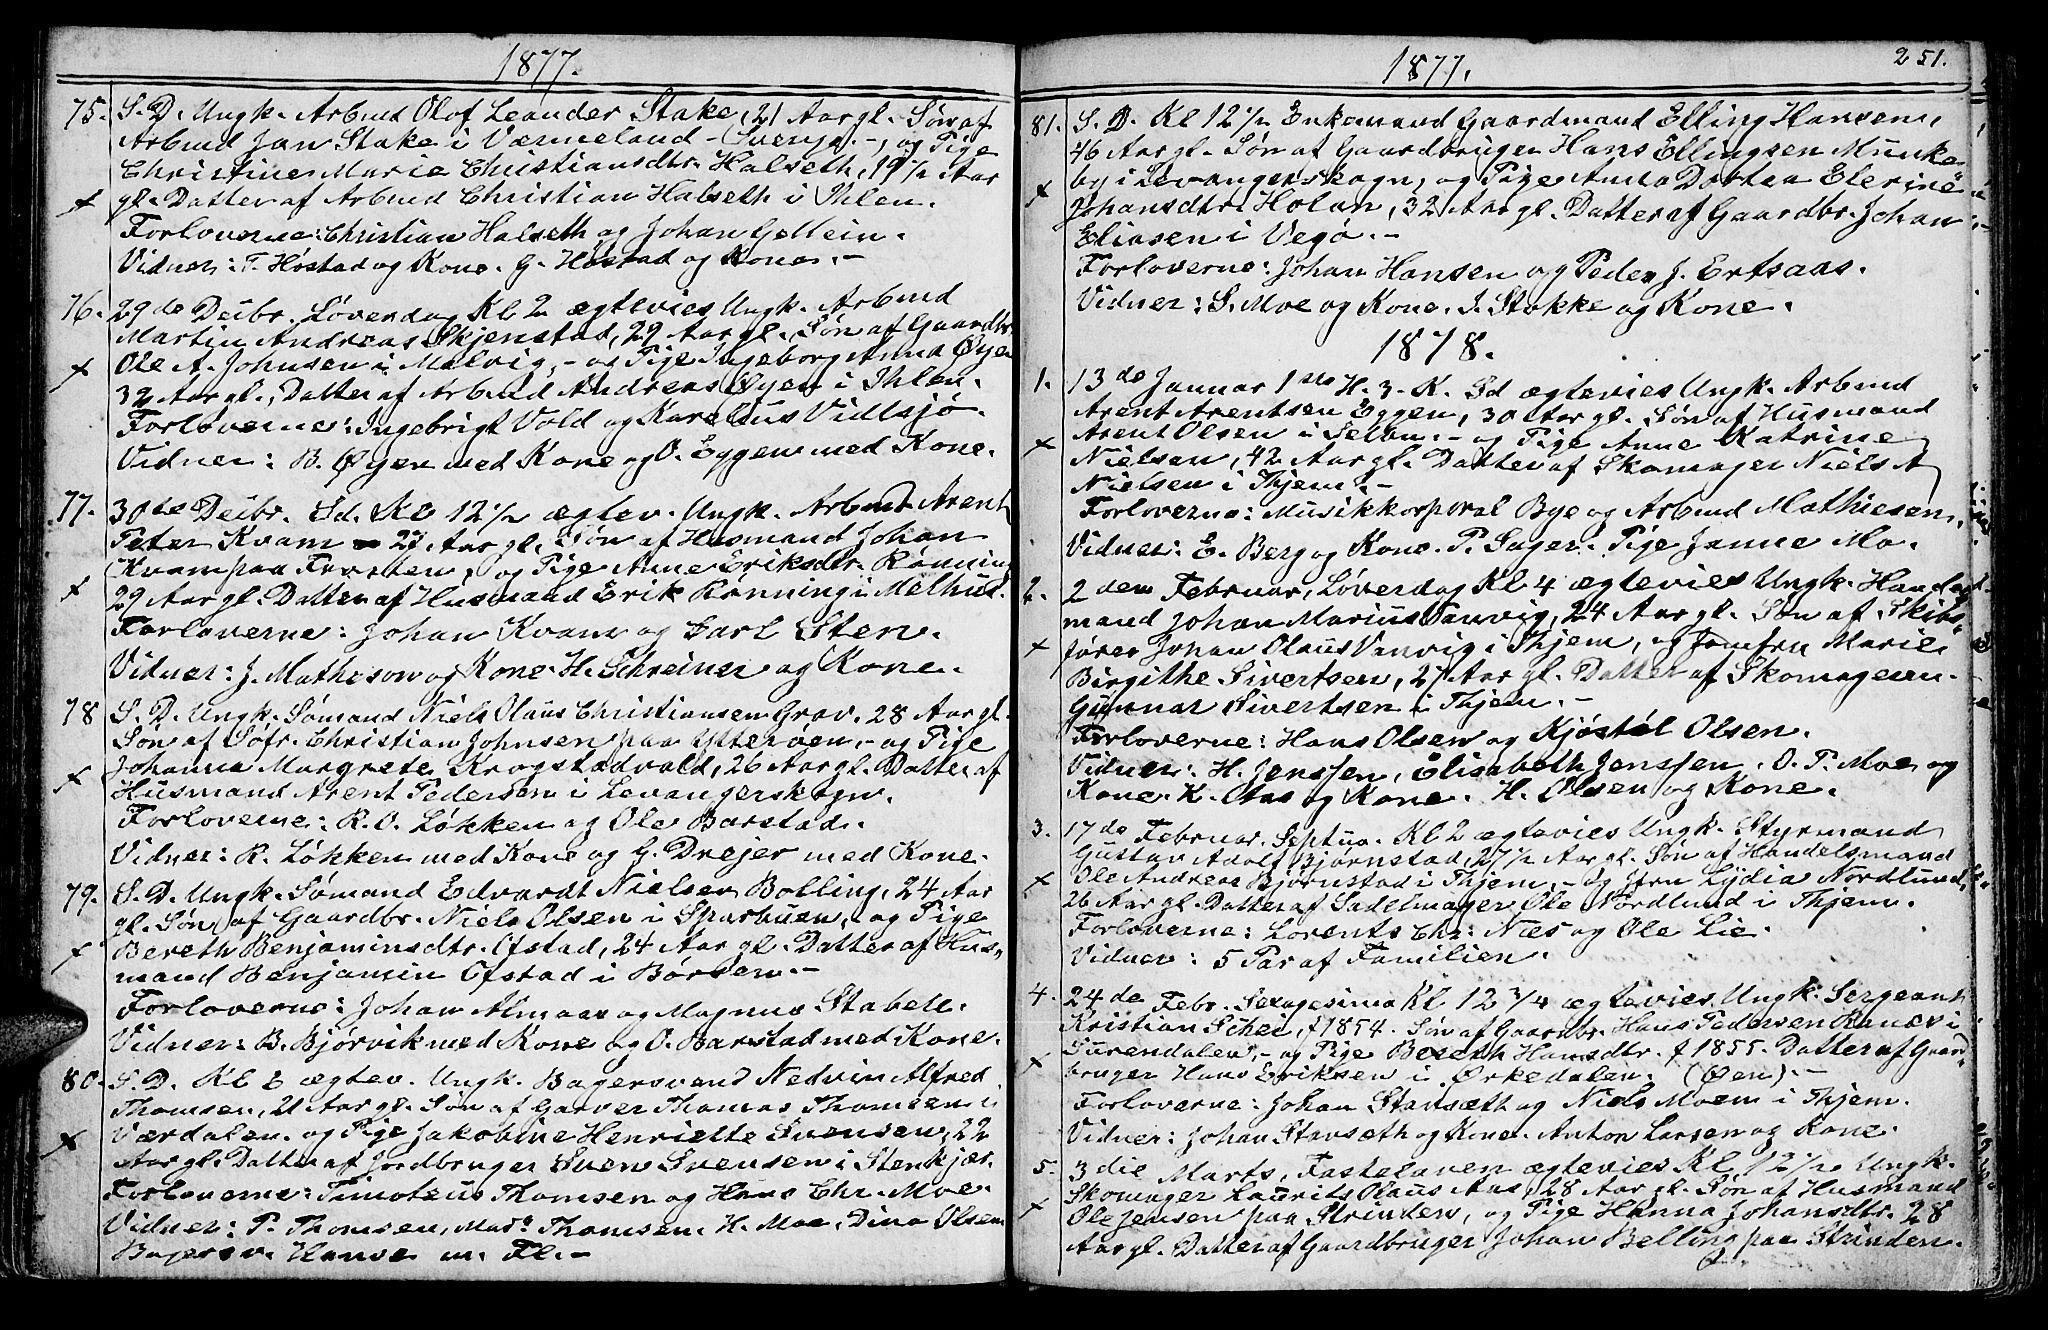 SAT, Ministerialprotokoller, klokkerbøker og fødselsregistre - Sør-Trøndelag, 602/L0142: Klokkerbok nr. 602C10, 1872-1894, s. 251